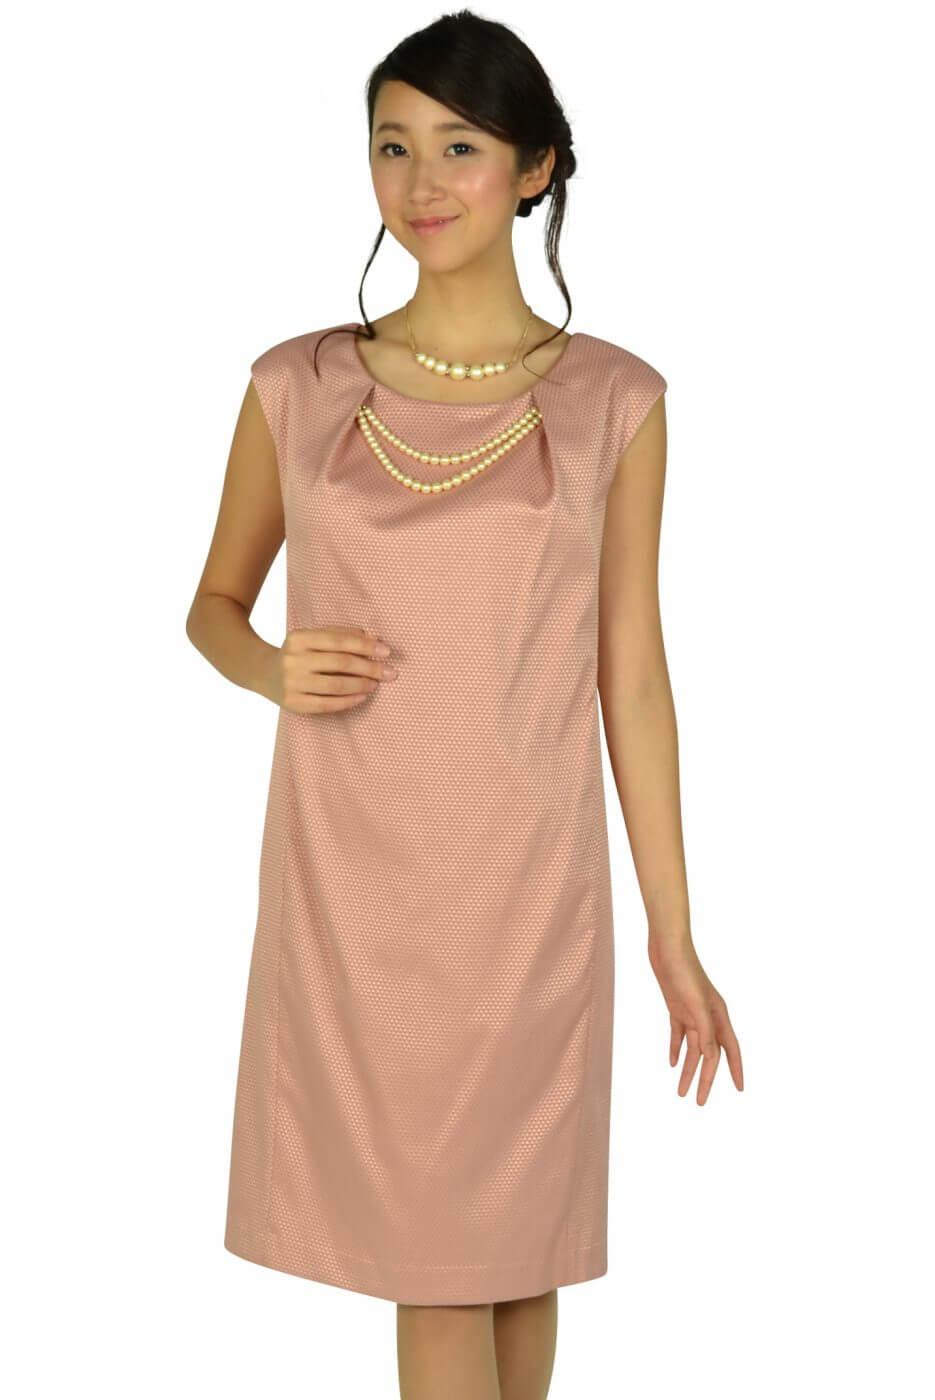 ナノユニバース(nano・universe)パール飾り付きピンクドレス